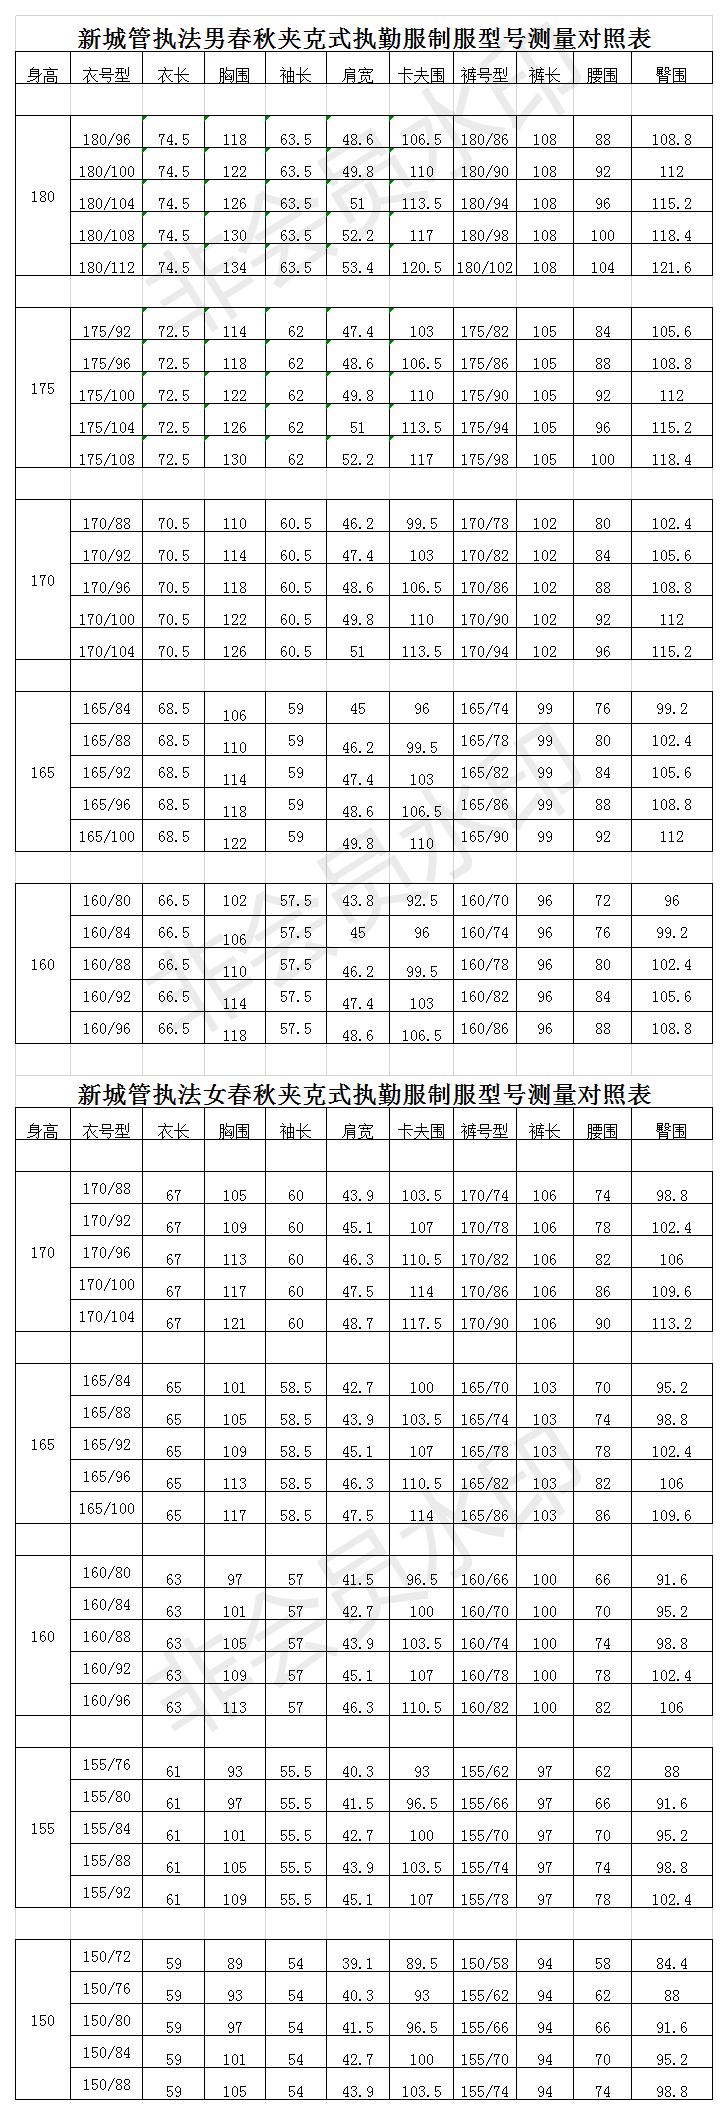 新城管执法男春秋夹克式执勤服制服型号测量对照表.png